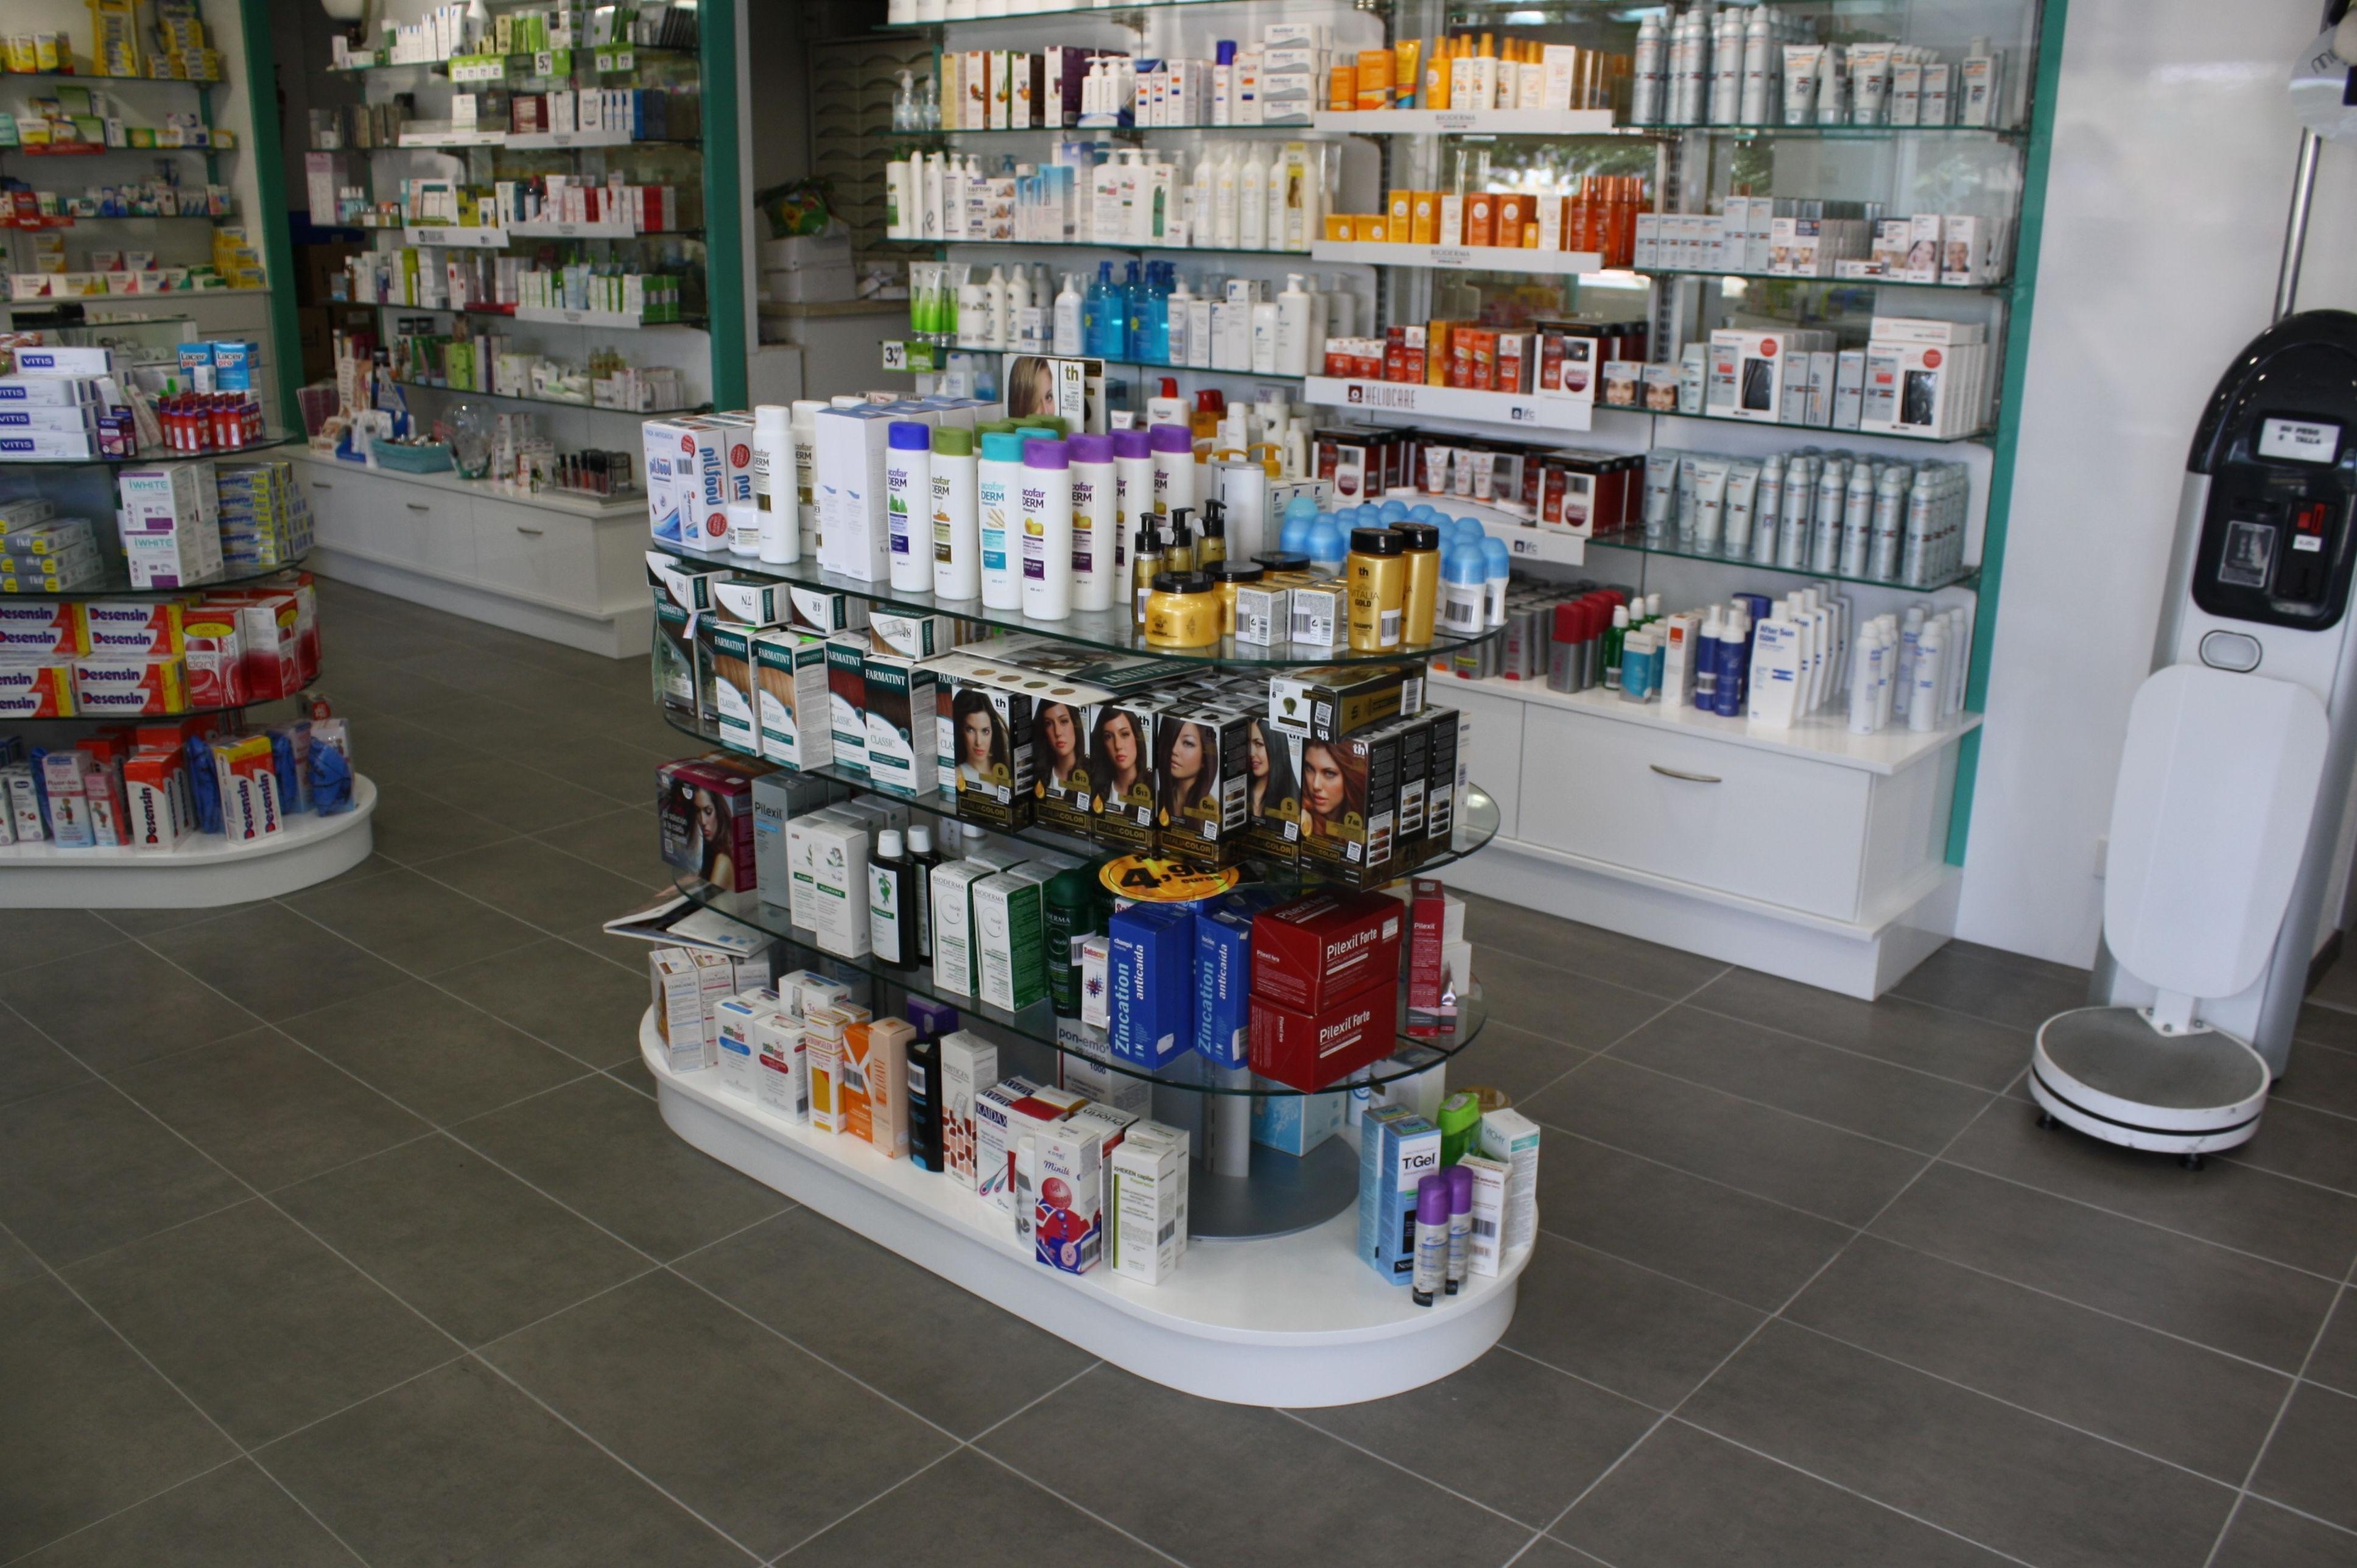 Expositores para farmacias en Santa Cruz de Tenerife